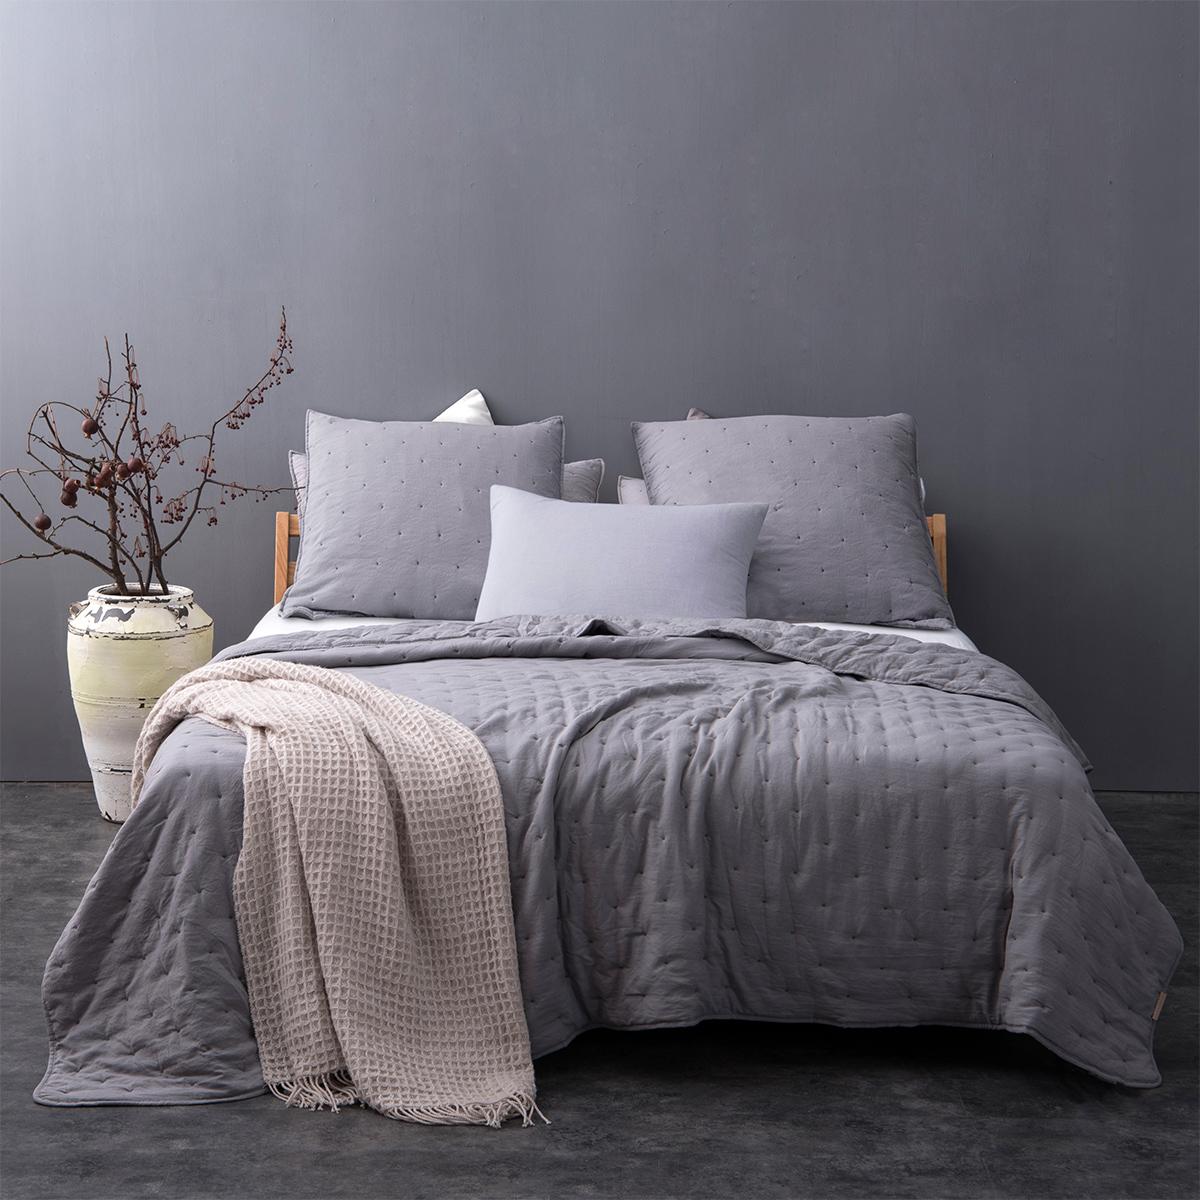 Couvre lit matelassé et moelleux - Gris clair - 180 x 240 cm